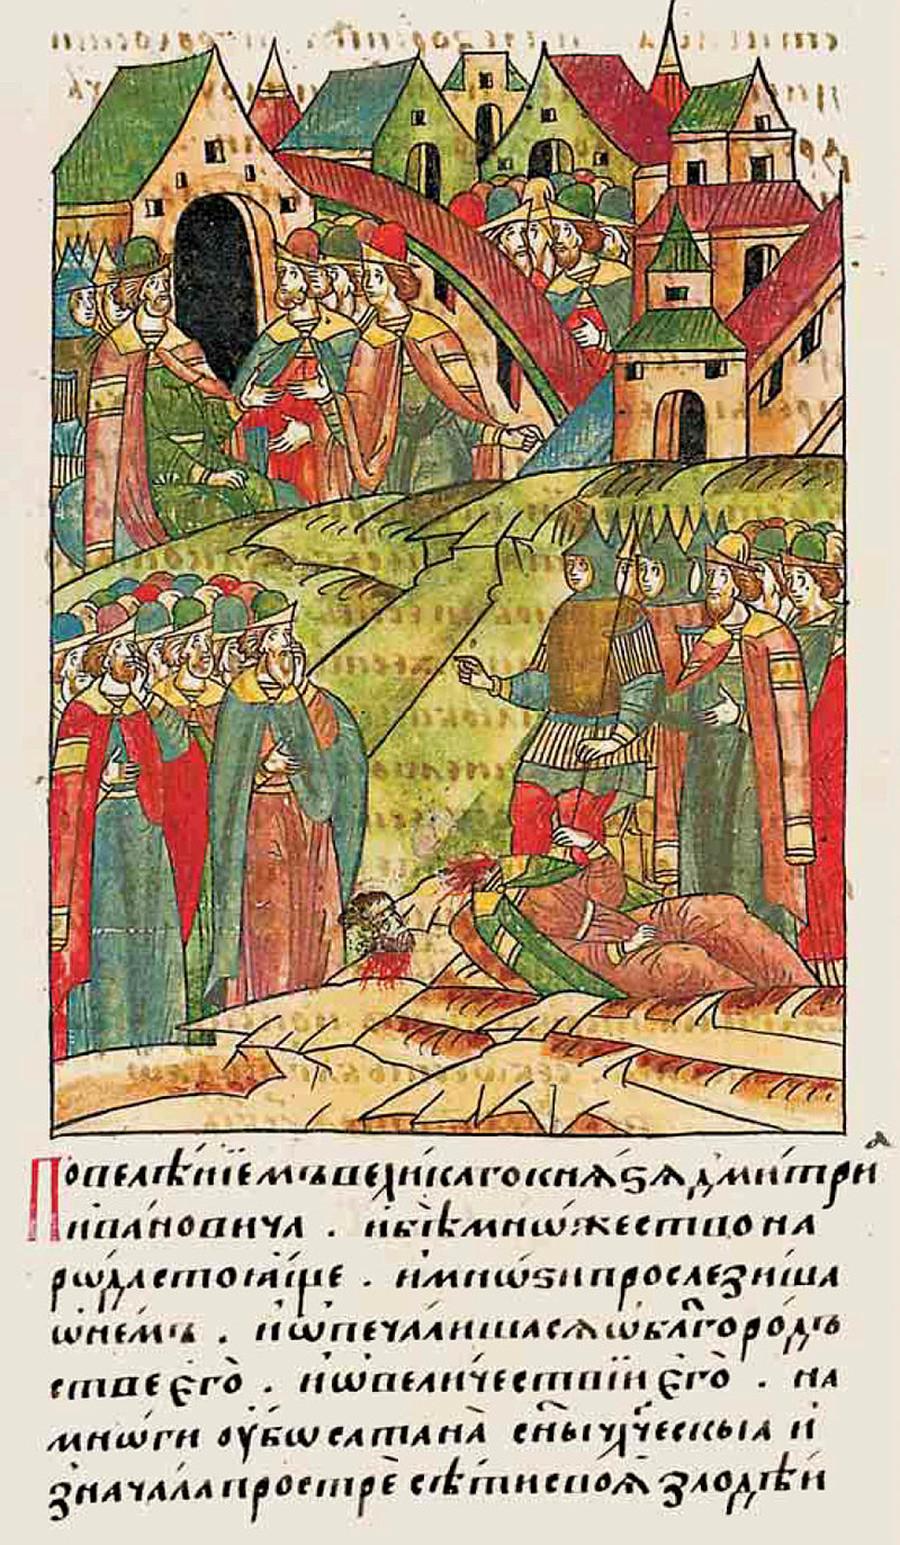 Öffentliche Hinrichtung im mittelalterlichen Russland